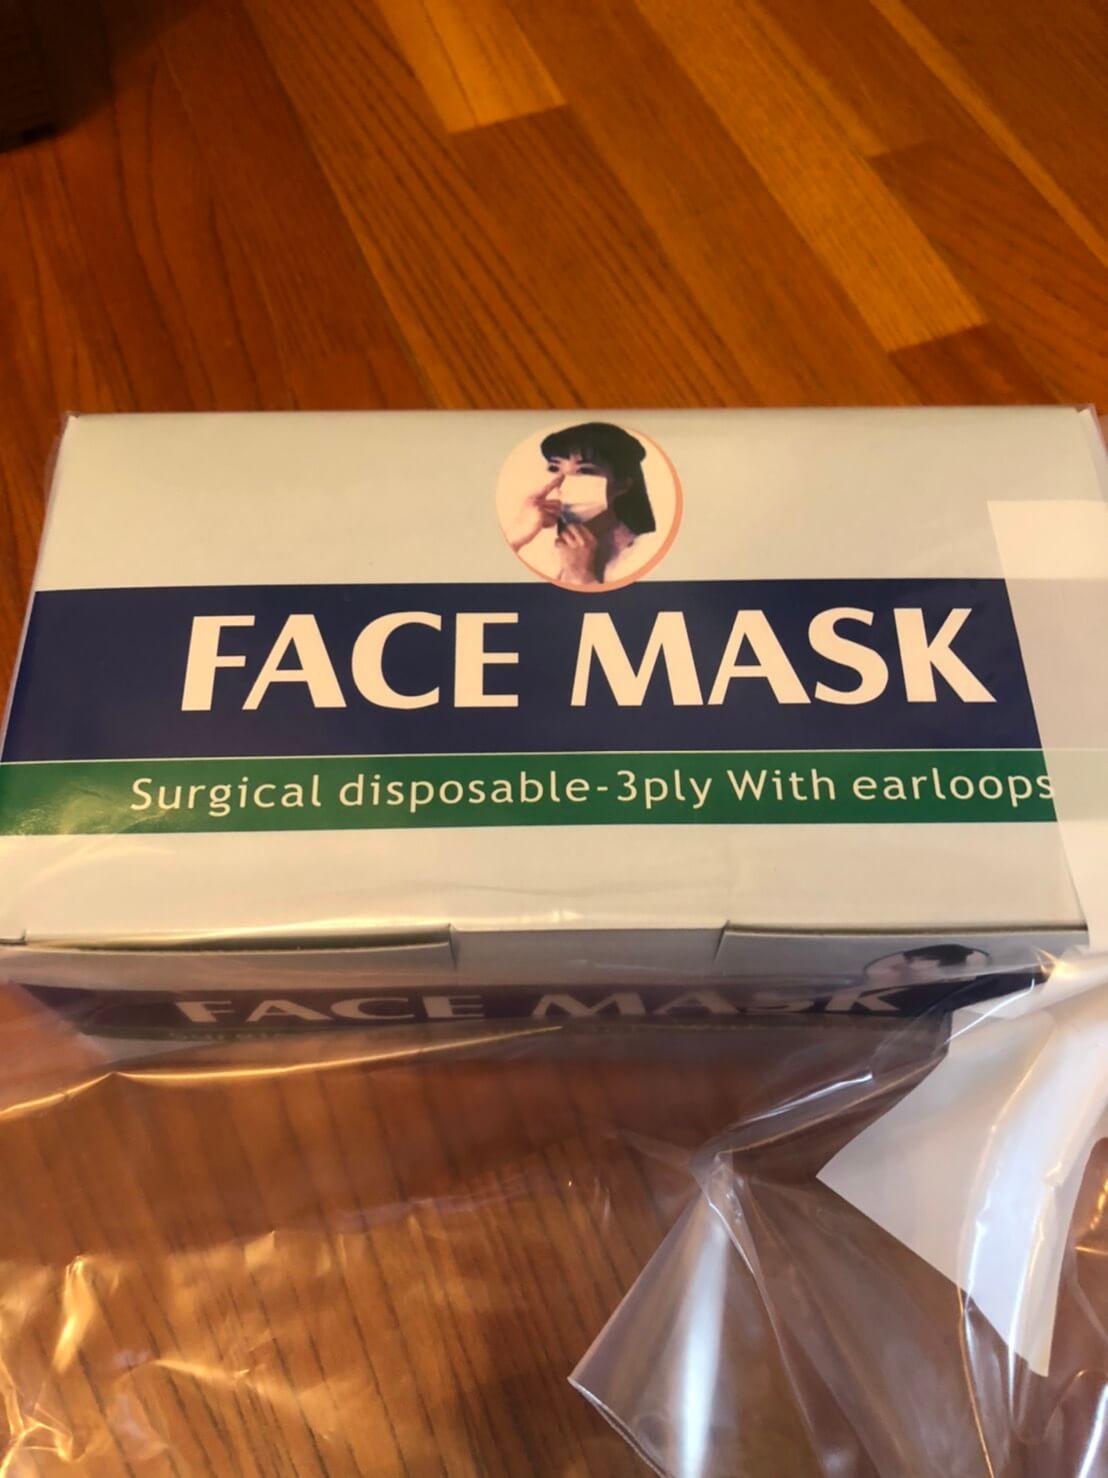 プレゼント企画で当たったマスク